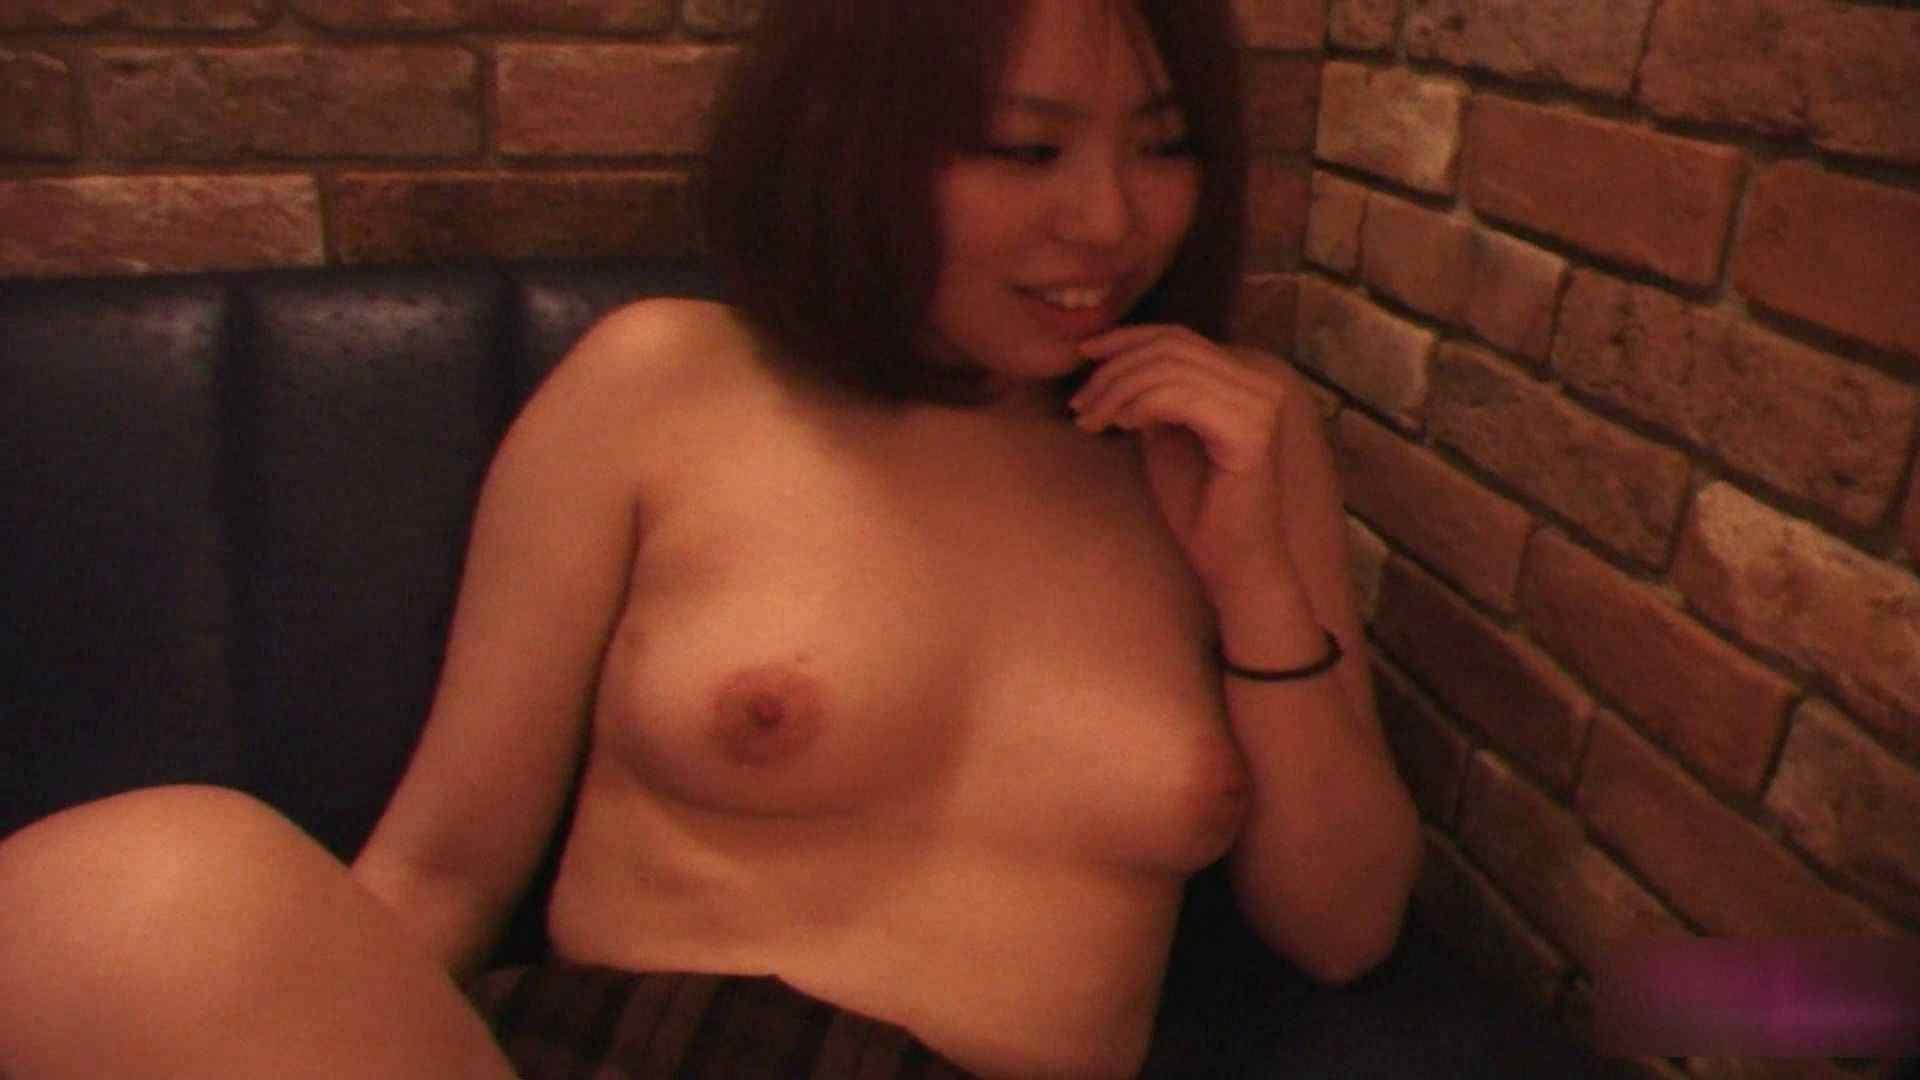 変態ギャル姫のH Vol.13 前編 喘ぎ娘 オメコ動画キャプチャ 91連発 76